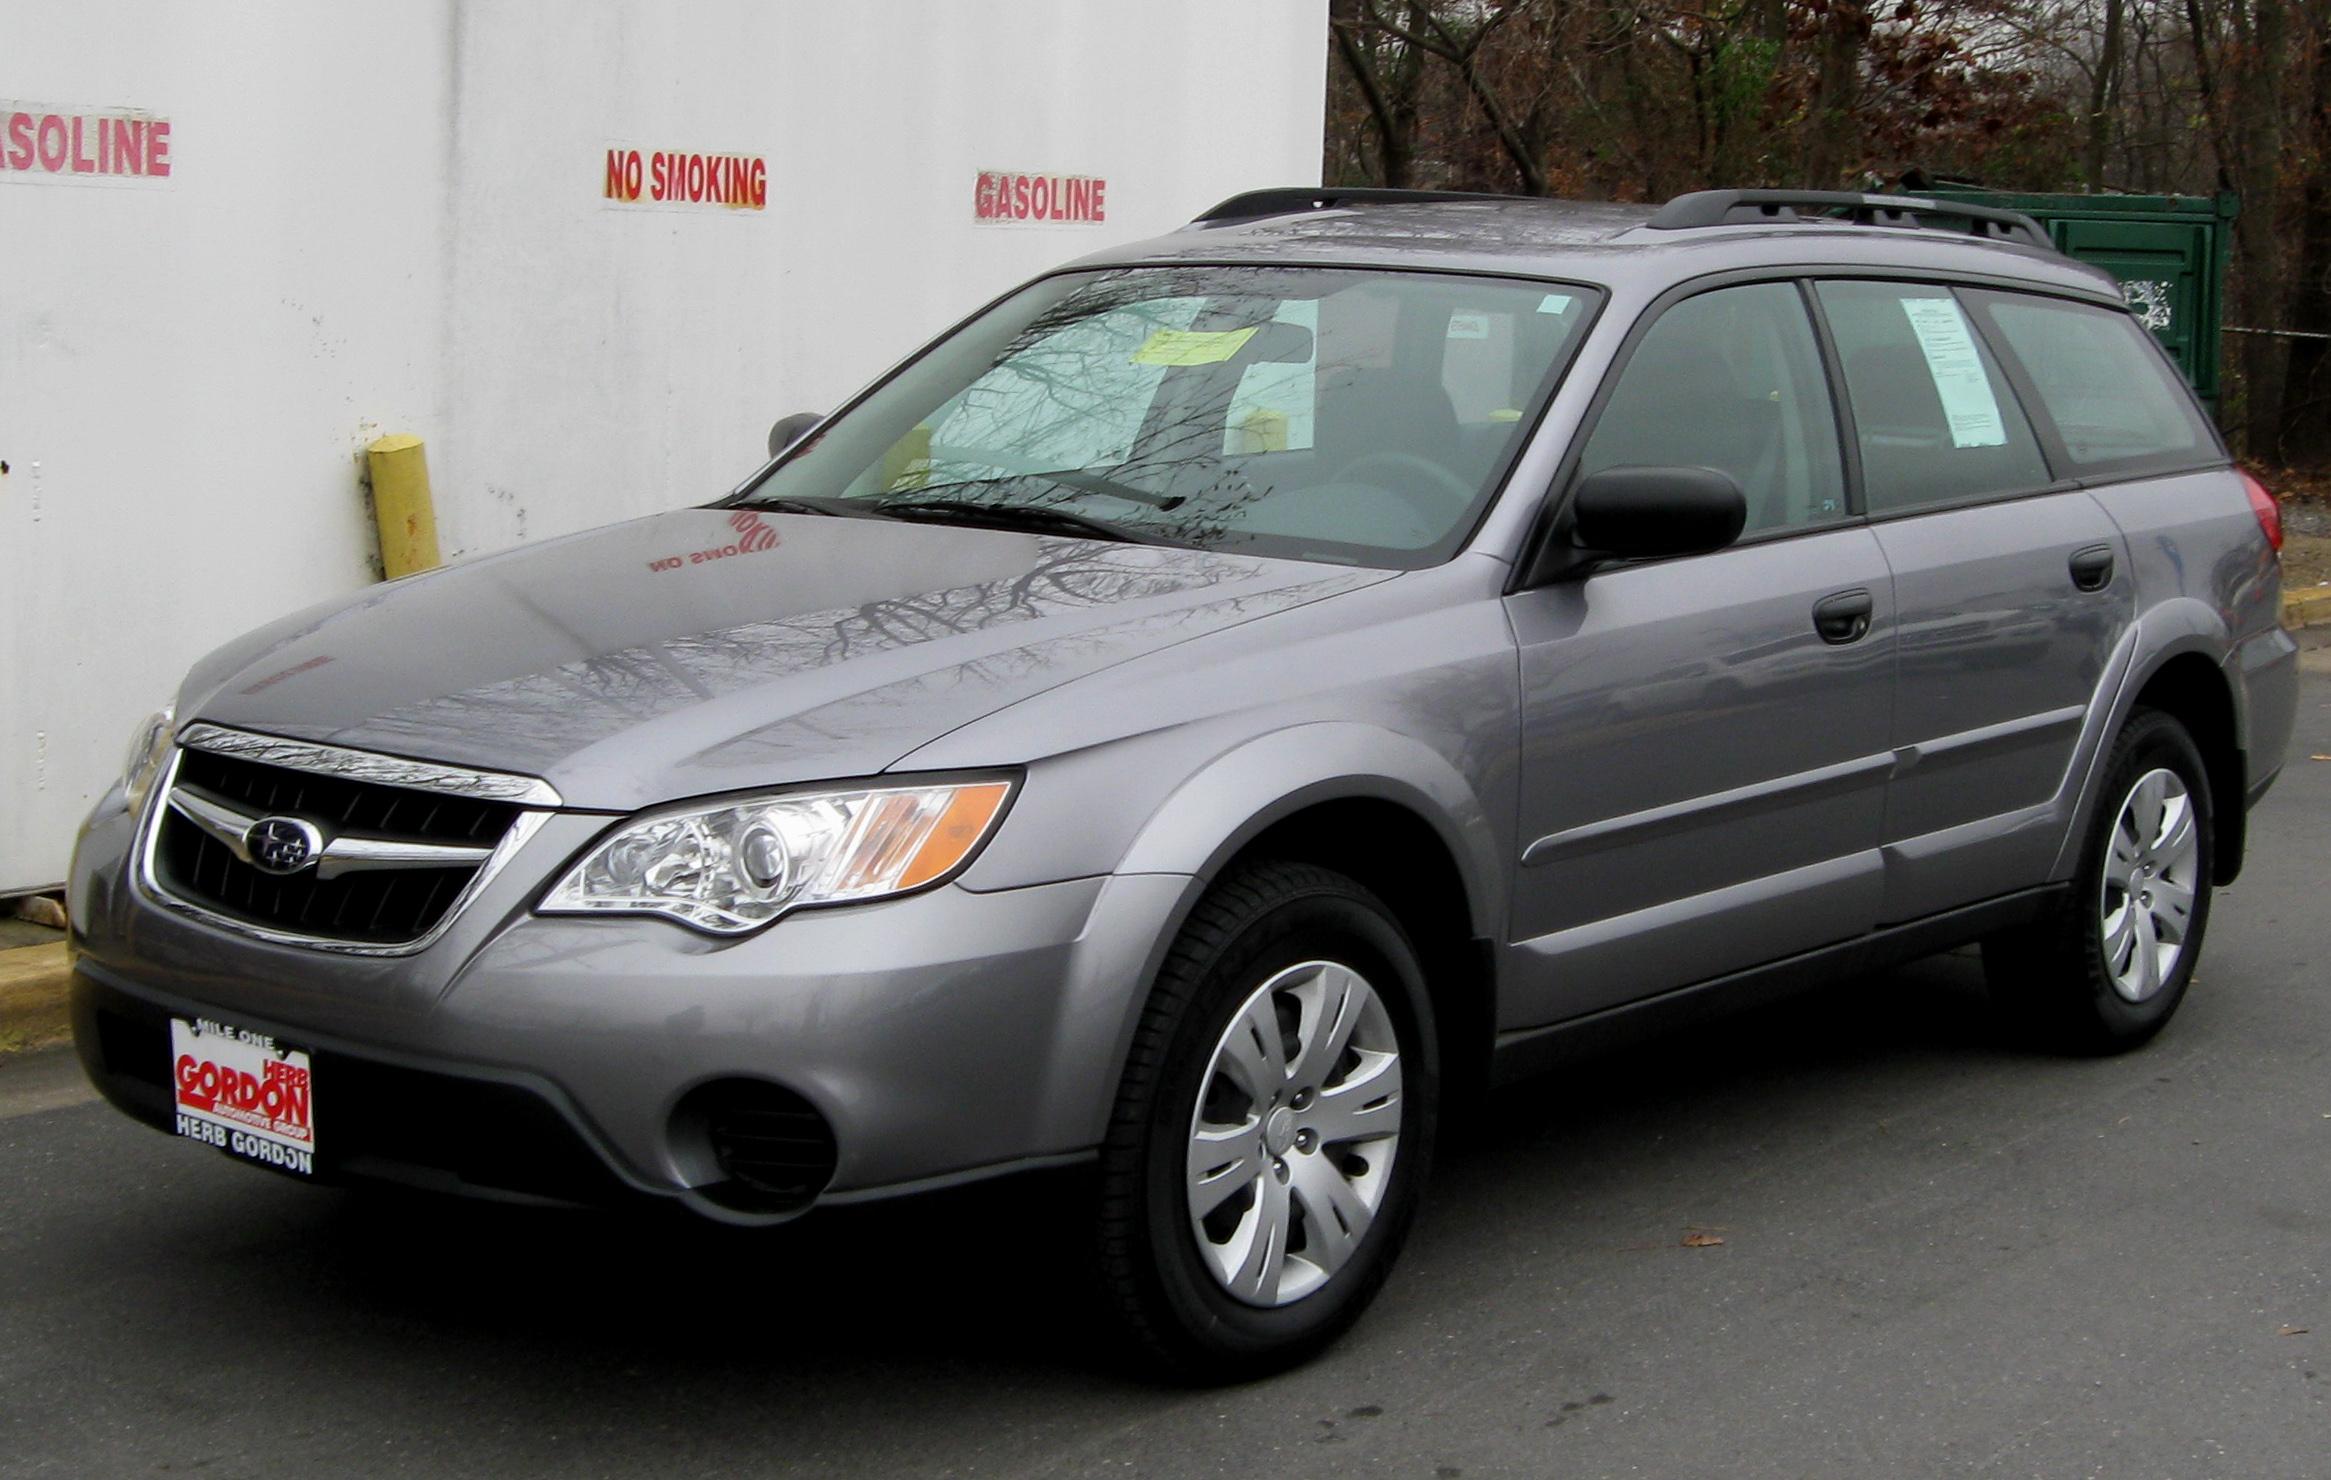 File:2006-2009 Subaru Outback 2.5i station wagon (2009-09 ... |2009 Subaru Outback